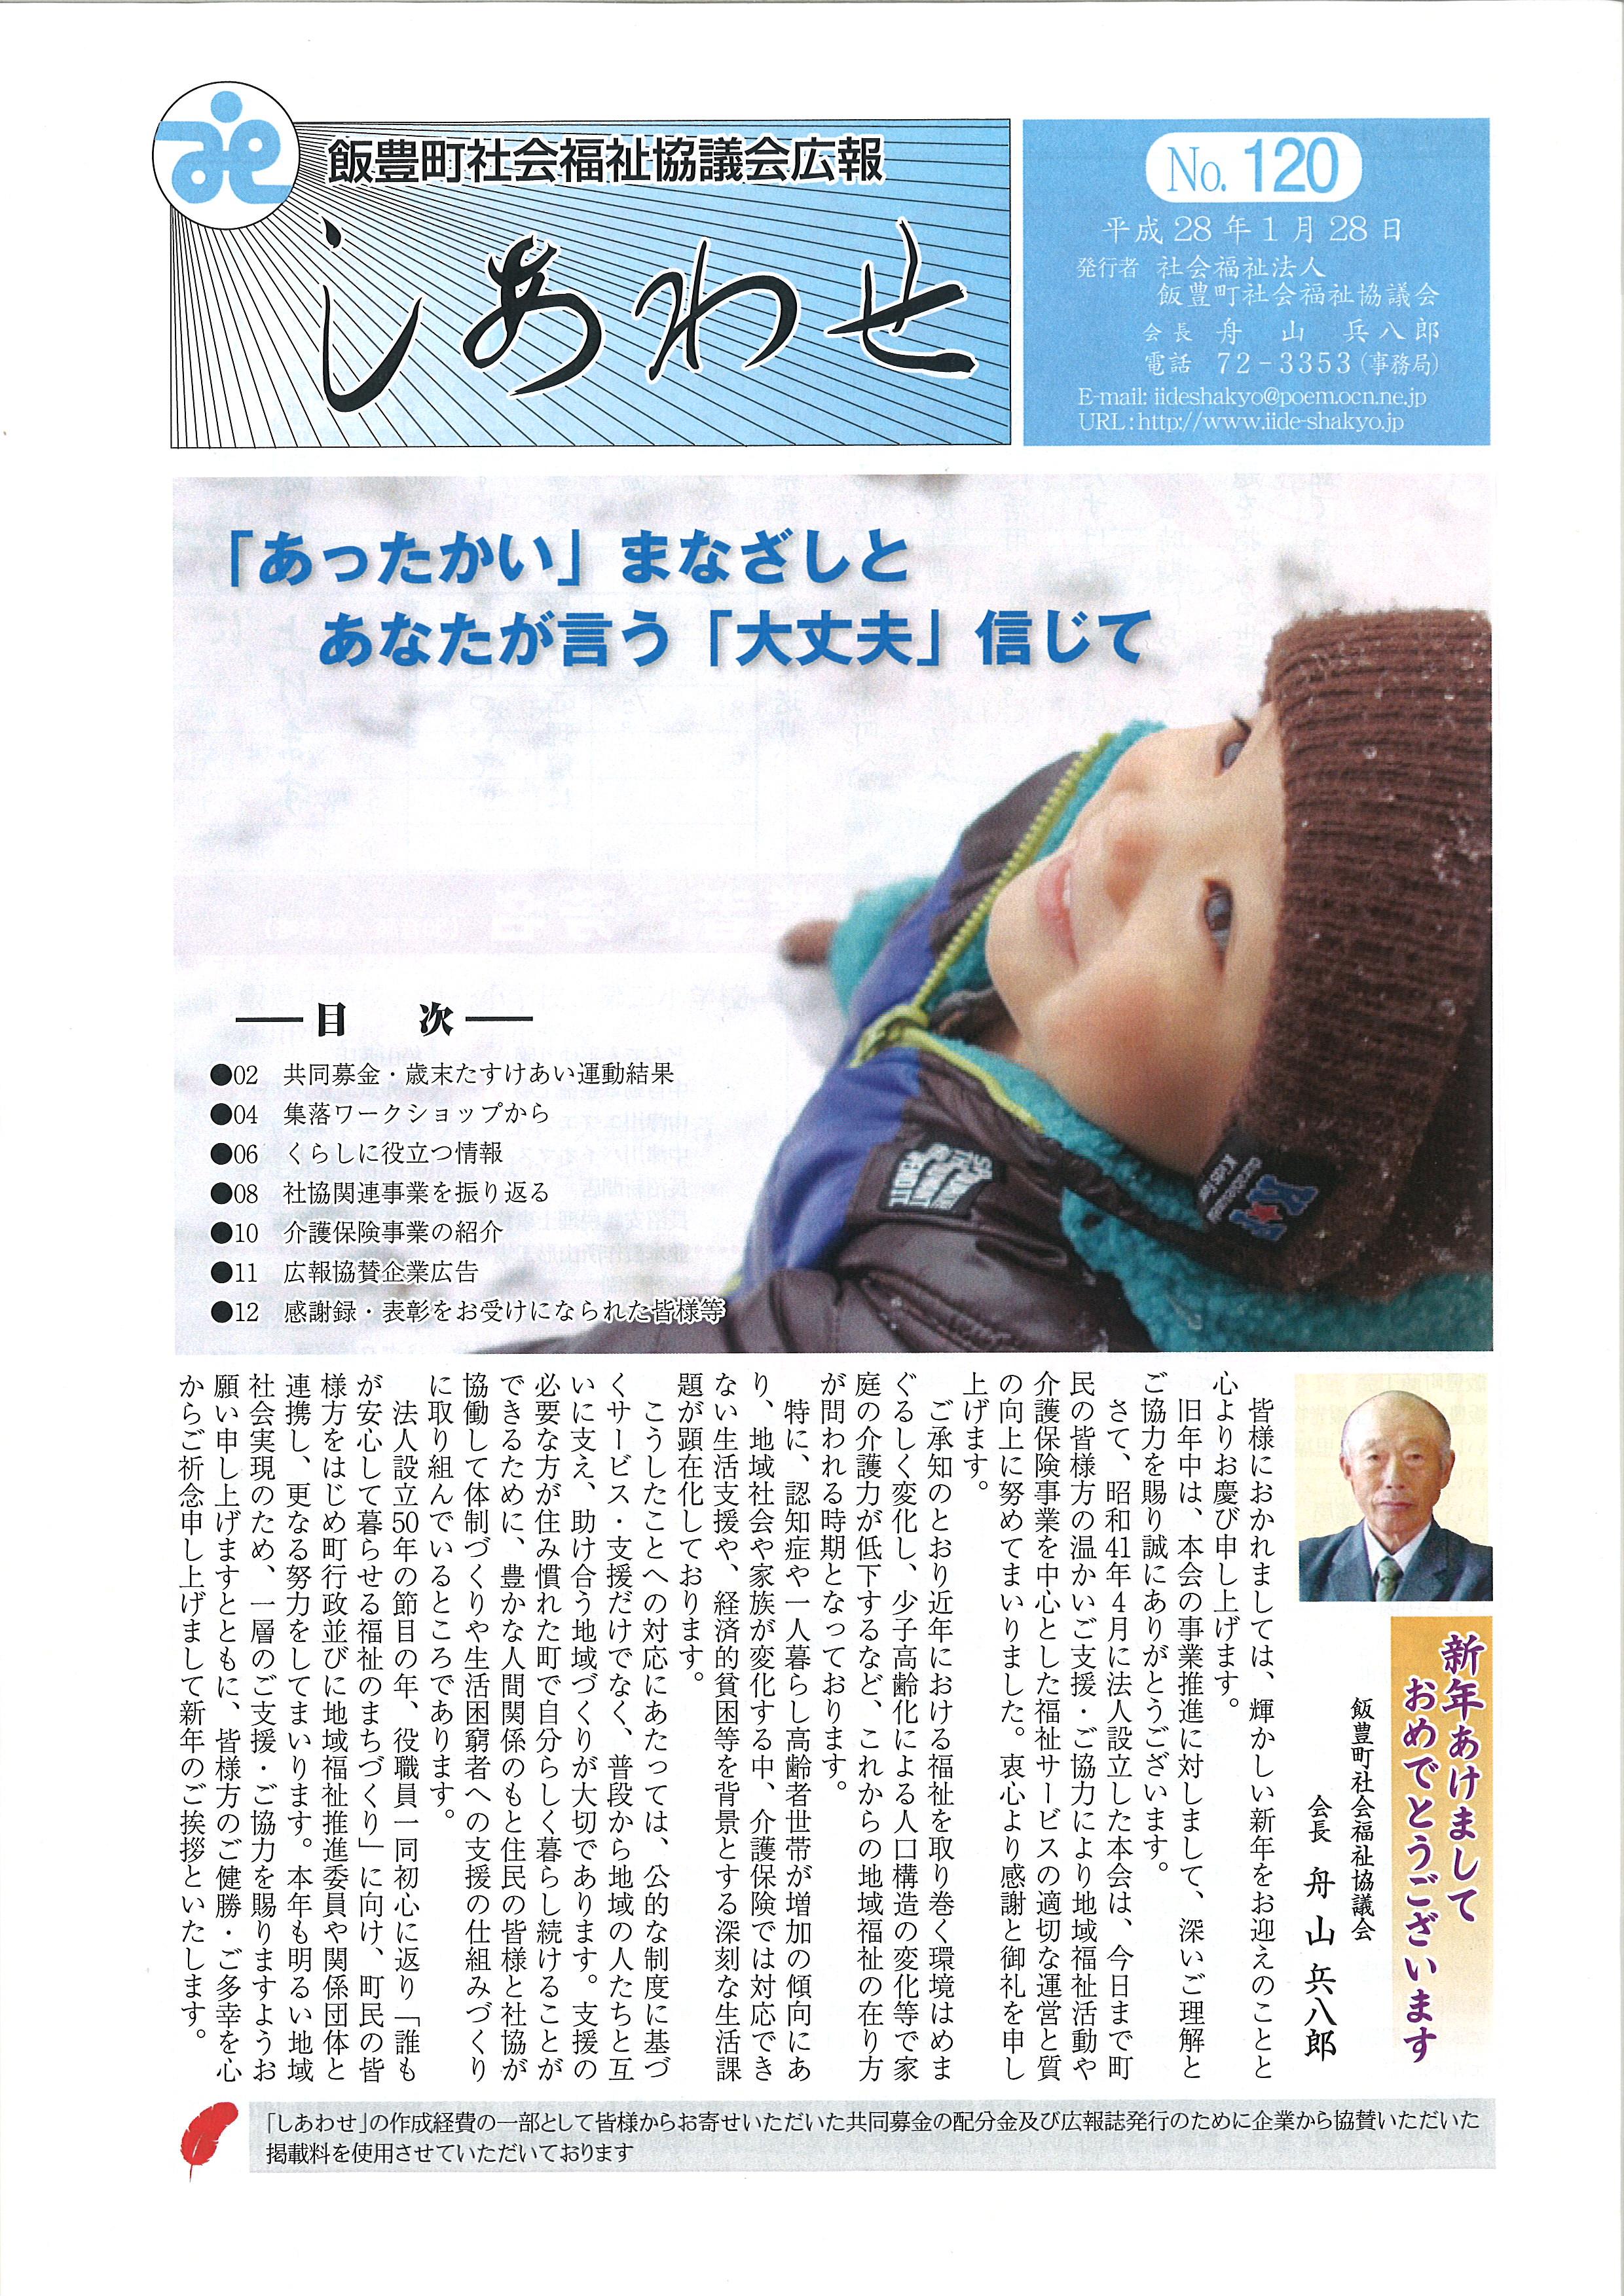 【お知らせ】機関紙「しあわせ」120号を発行しました:画像